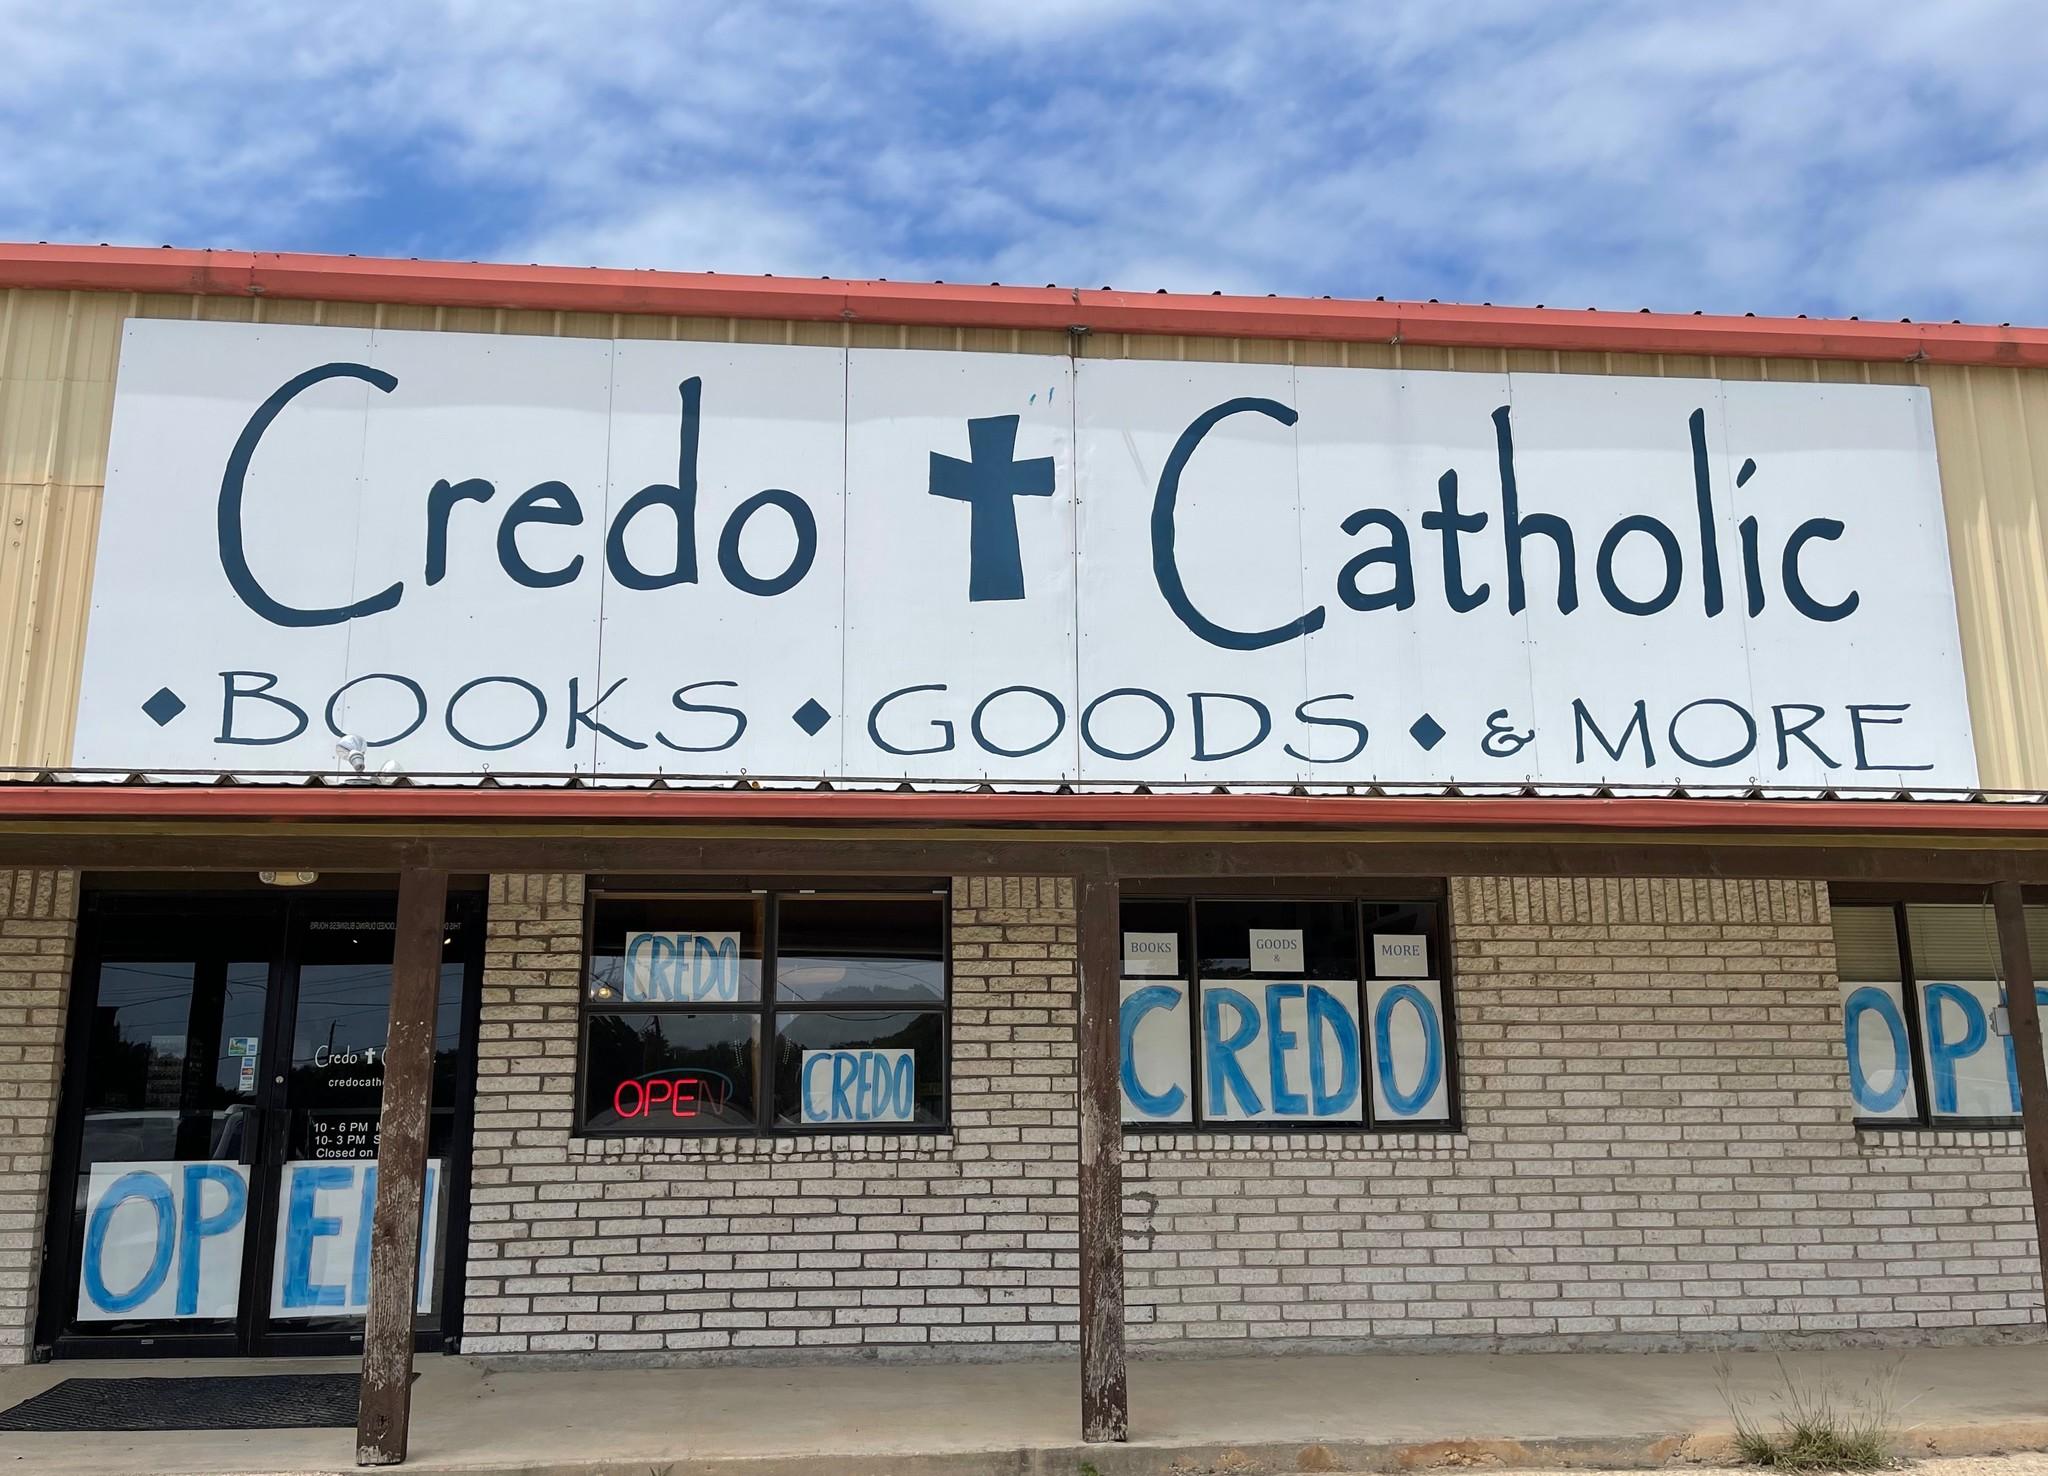 Credo Catholic